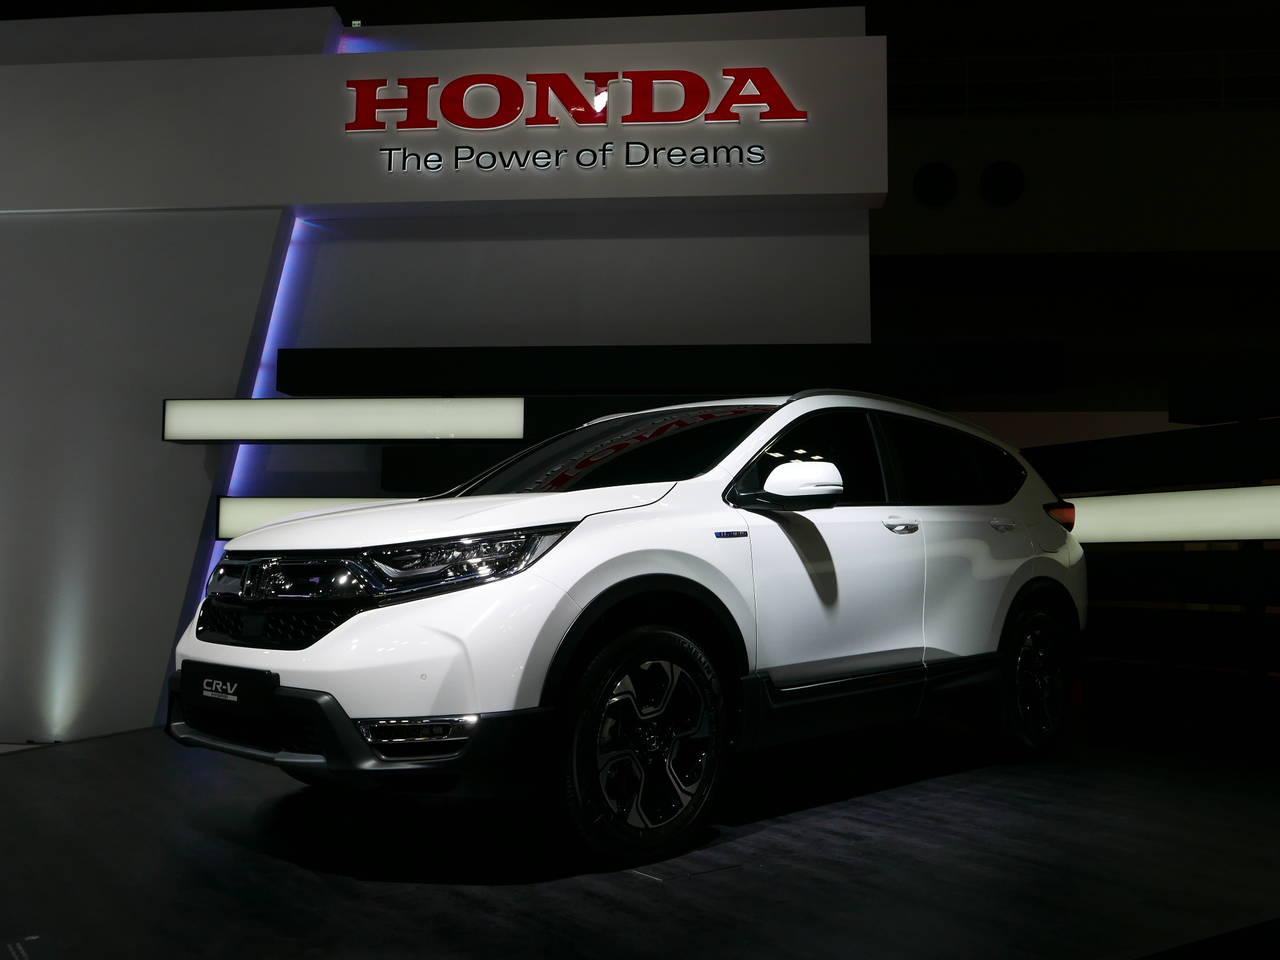 ホンダ新型CR-V(CRV)の発売日は2018年8月か!3列シート&ハイブリッドで復活なるか!価格や燃費も予想!